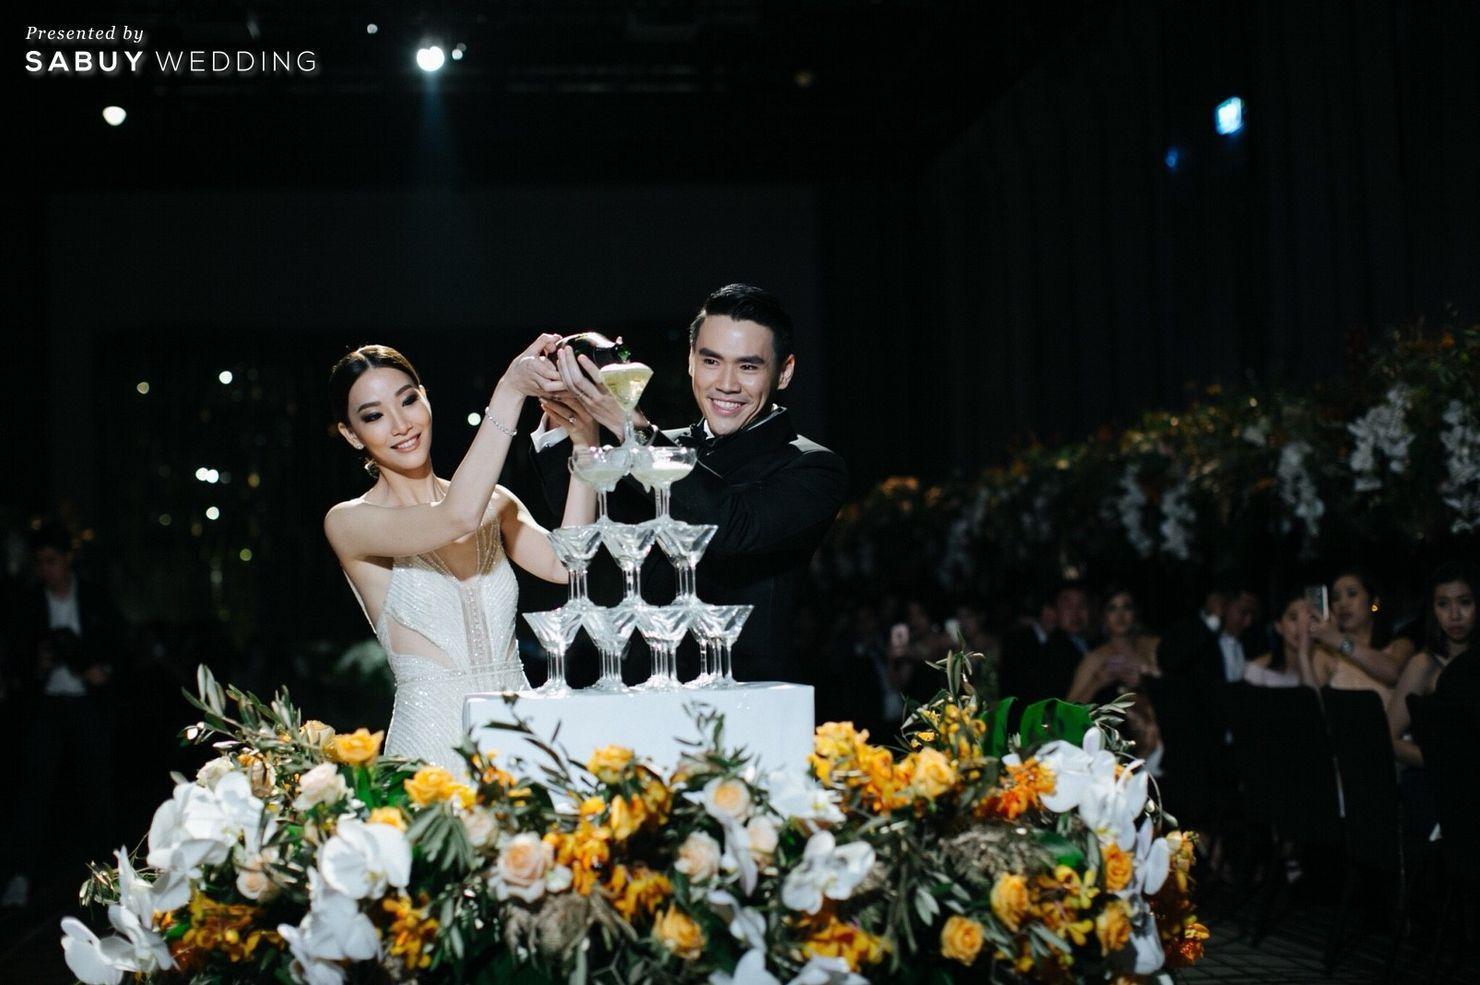 พิธีแต่งงาน,งานแต่งงาน,สถานที่แต่งงาน,โรงแรม.บ่าวสาว,ชุดเจ้าสาว,ตกแต่งงานแต่ง,จัดดอกไม้งานแต่ง,รินแชมเปญ รีวิวงานแต่ง Sit-down Lunch และ Dinner เฉียบเรียบโก้ โมเดิร์นมาก @SO Sofitel Bangkok